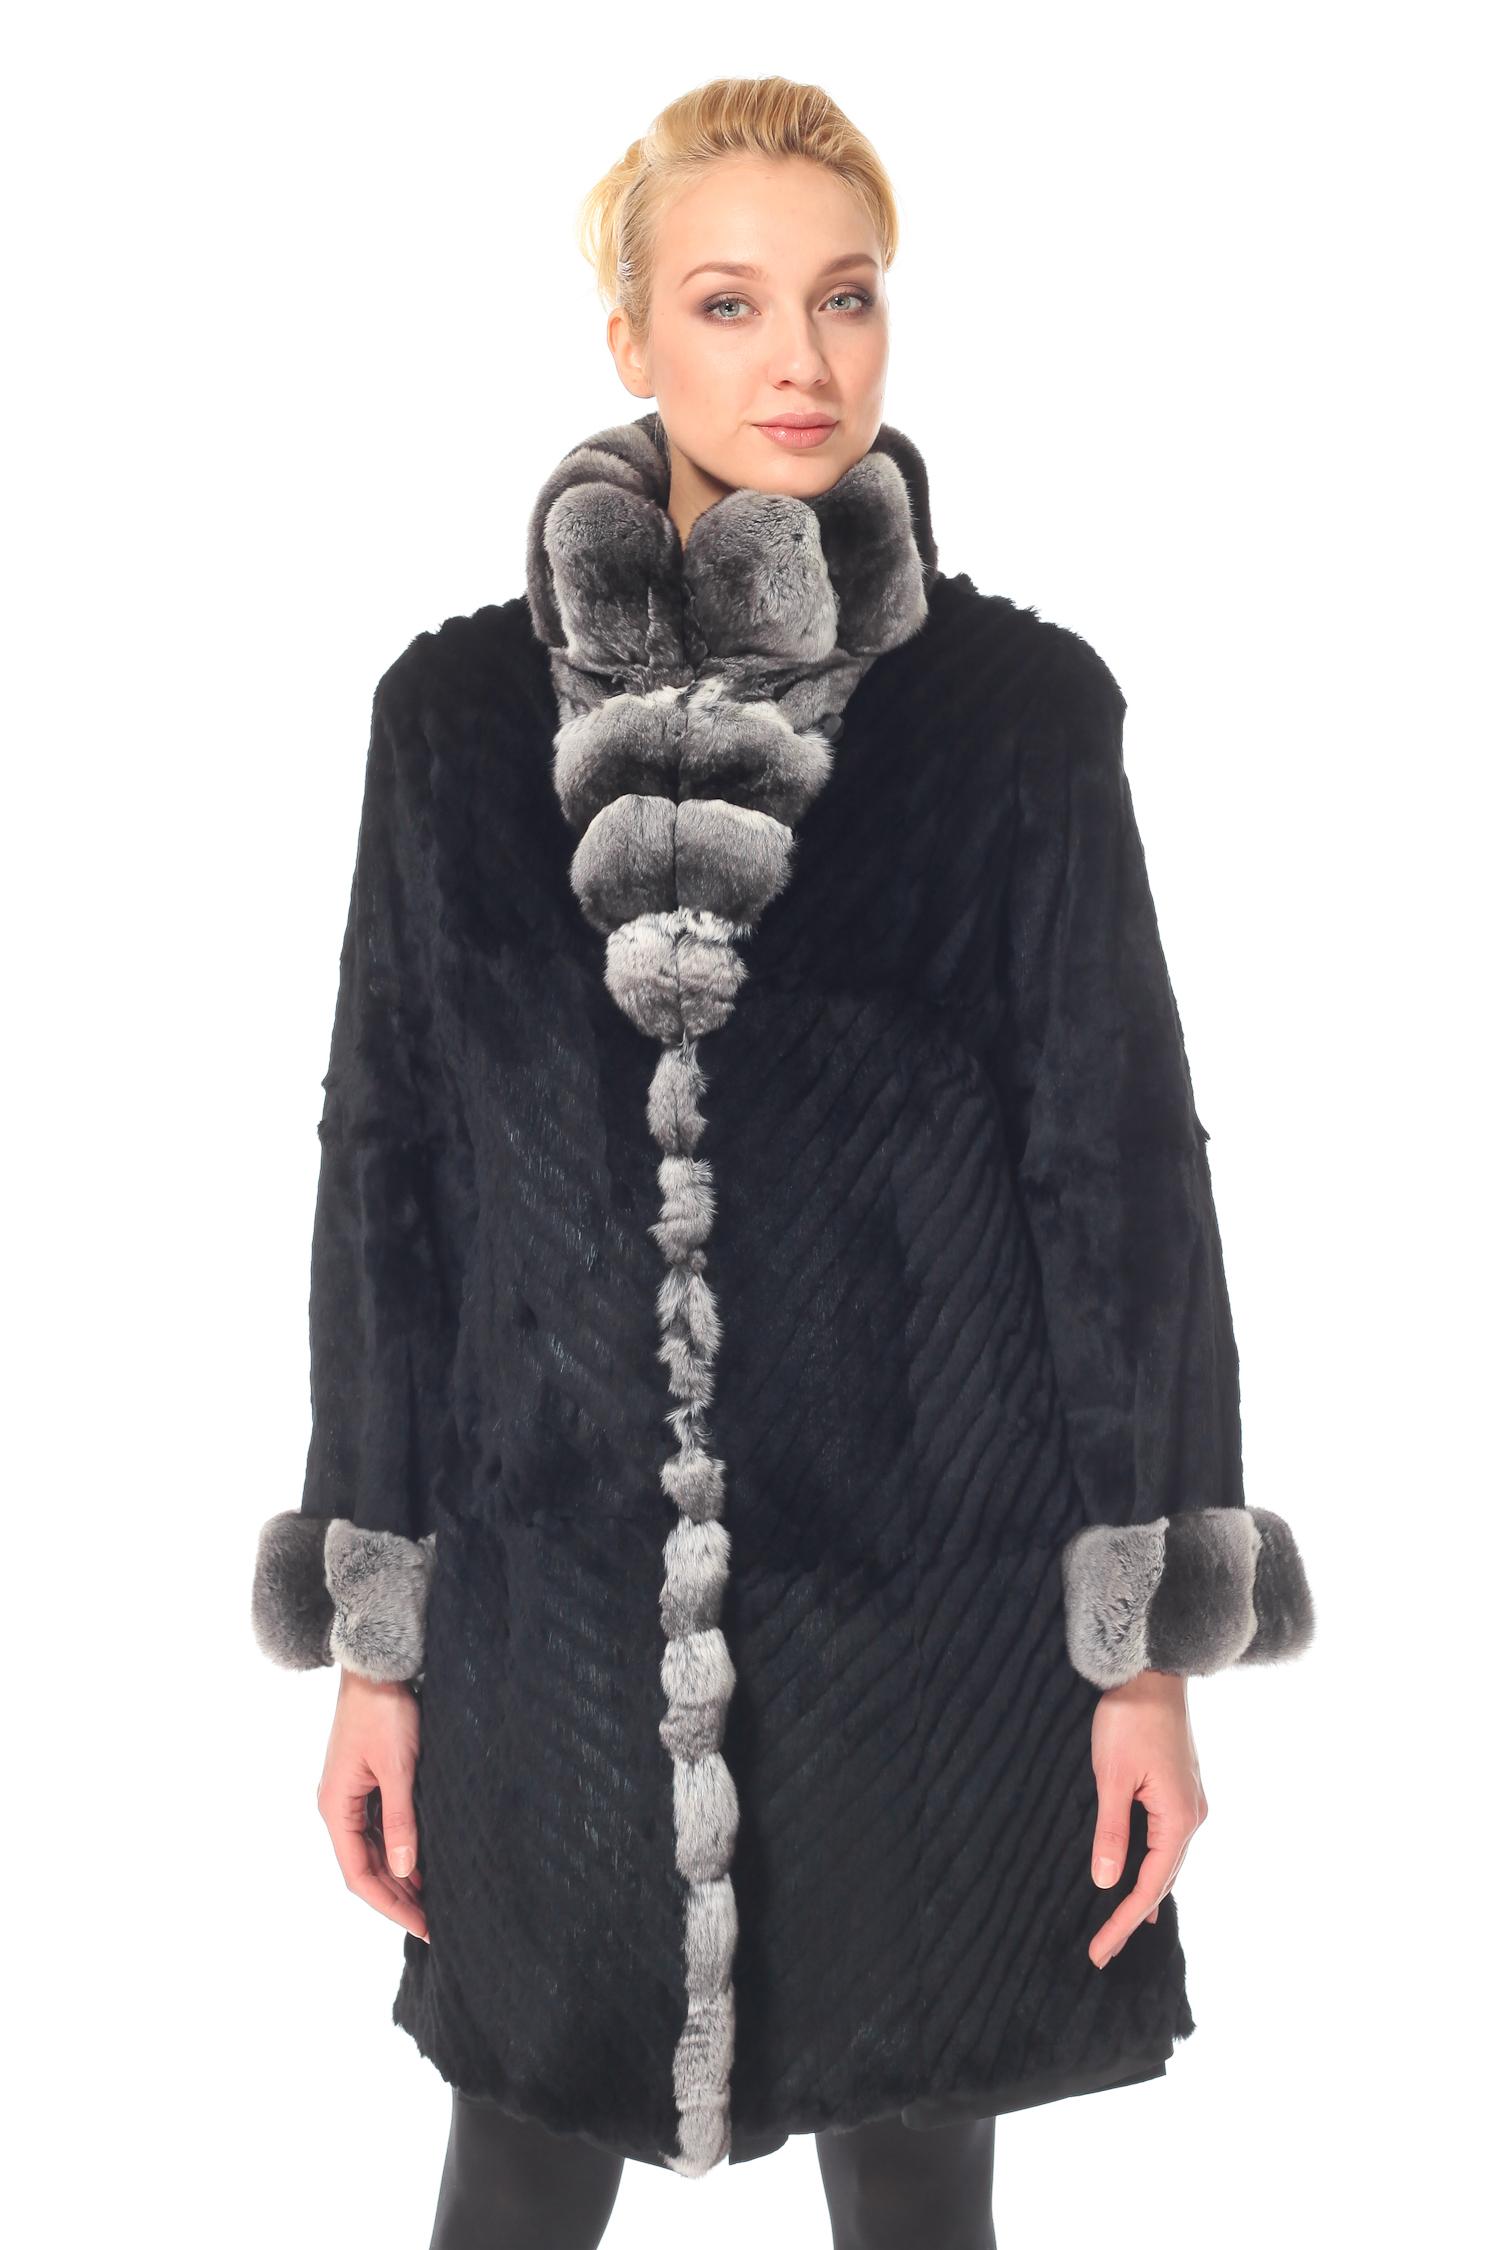 Пальто двухстороннее на меху с воротником, отделка норка, Рекс<br><br>Длина см: Длинная (свыше 90)<br>Материал: Текстиль<br>Воротник: стойка<br>Цвет: черный<br>Вид застежки: центральная<br>Застежка: на пуговицы<br>Пол: Женский<br>Размер RU: 44